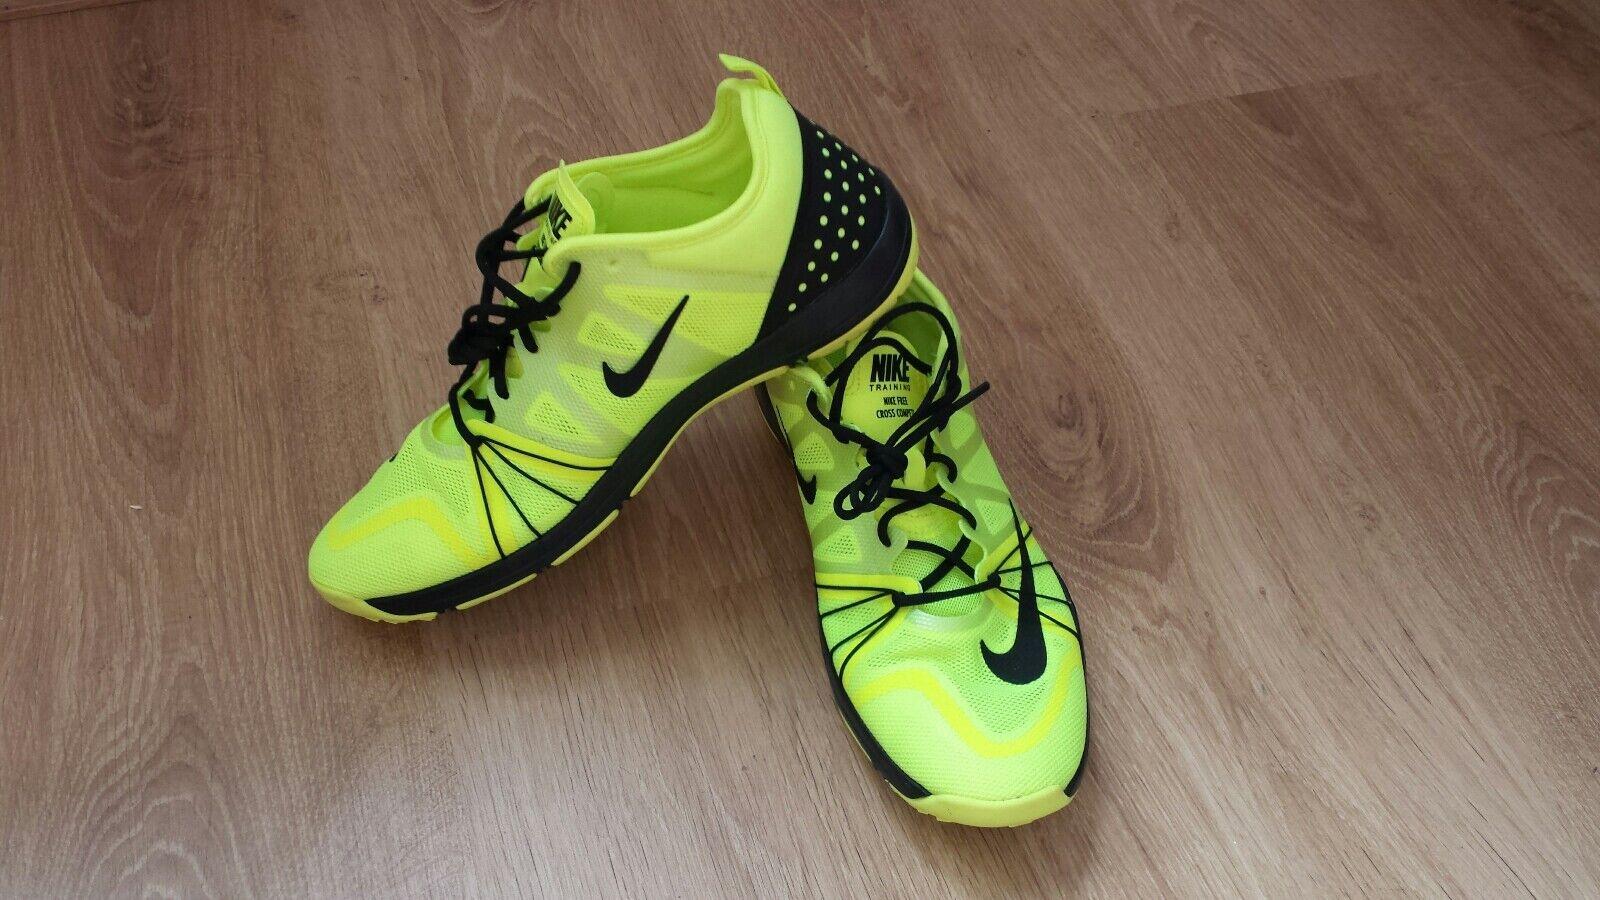 Donna competere Scarpe da ginnastica Nike Free CROCE competere Donna Neon Yellow Volt/Colore Nero 2a34a4